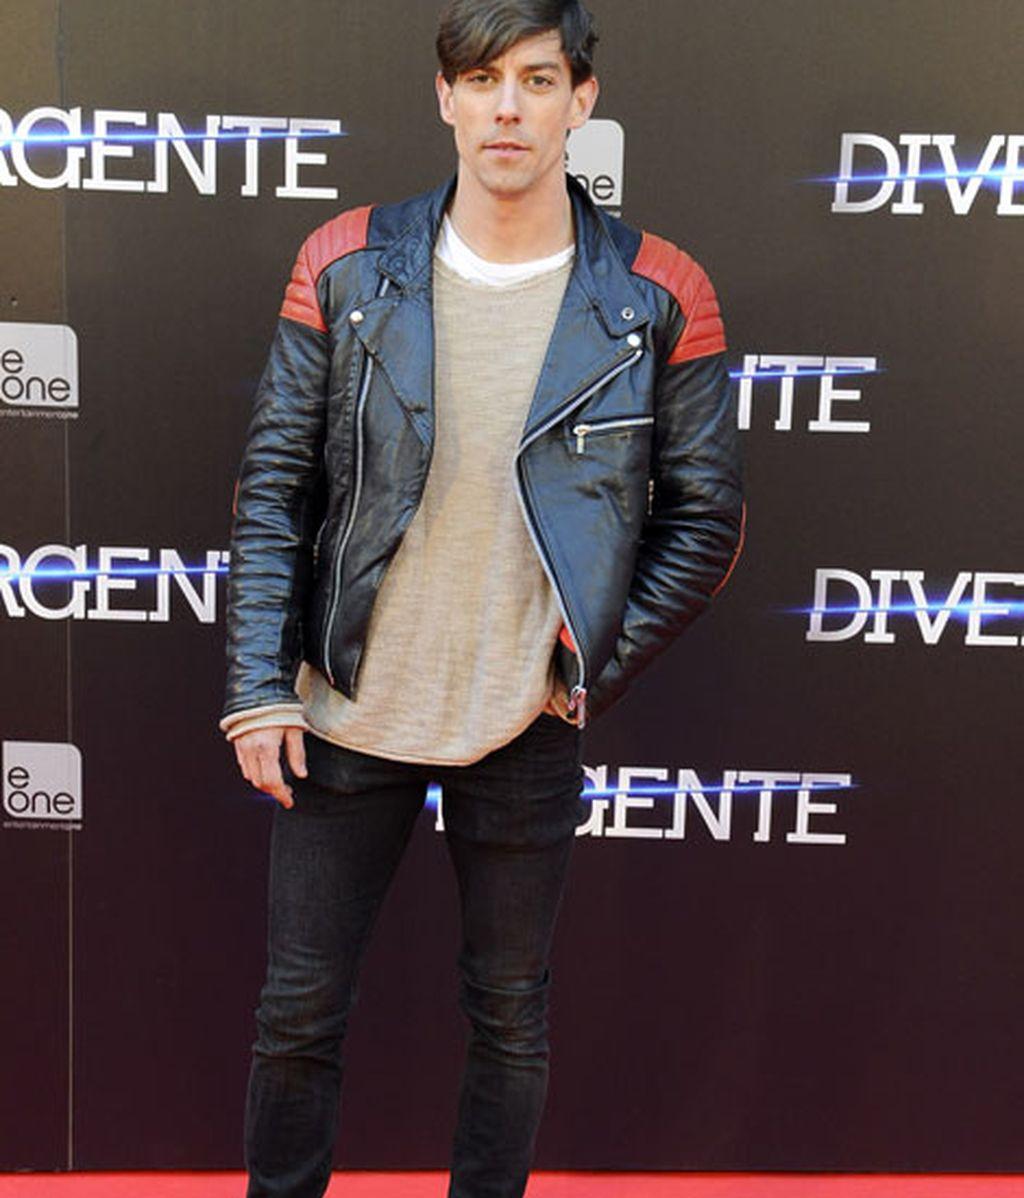 El actor Adrián Lastra también pasó por el photocall